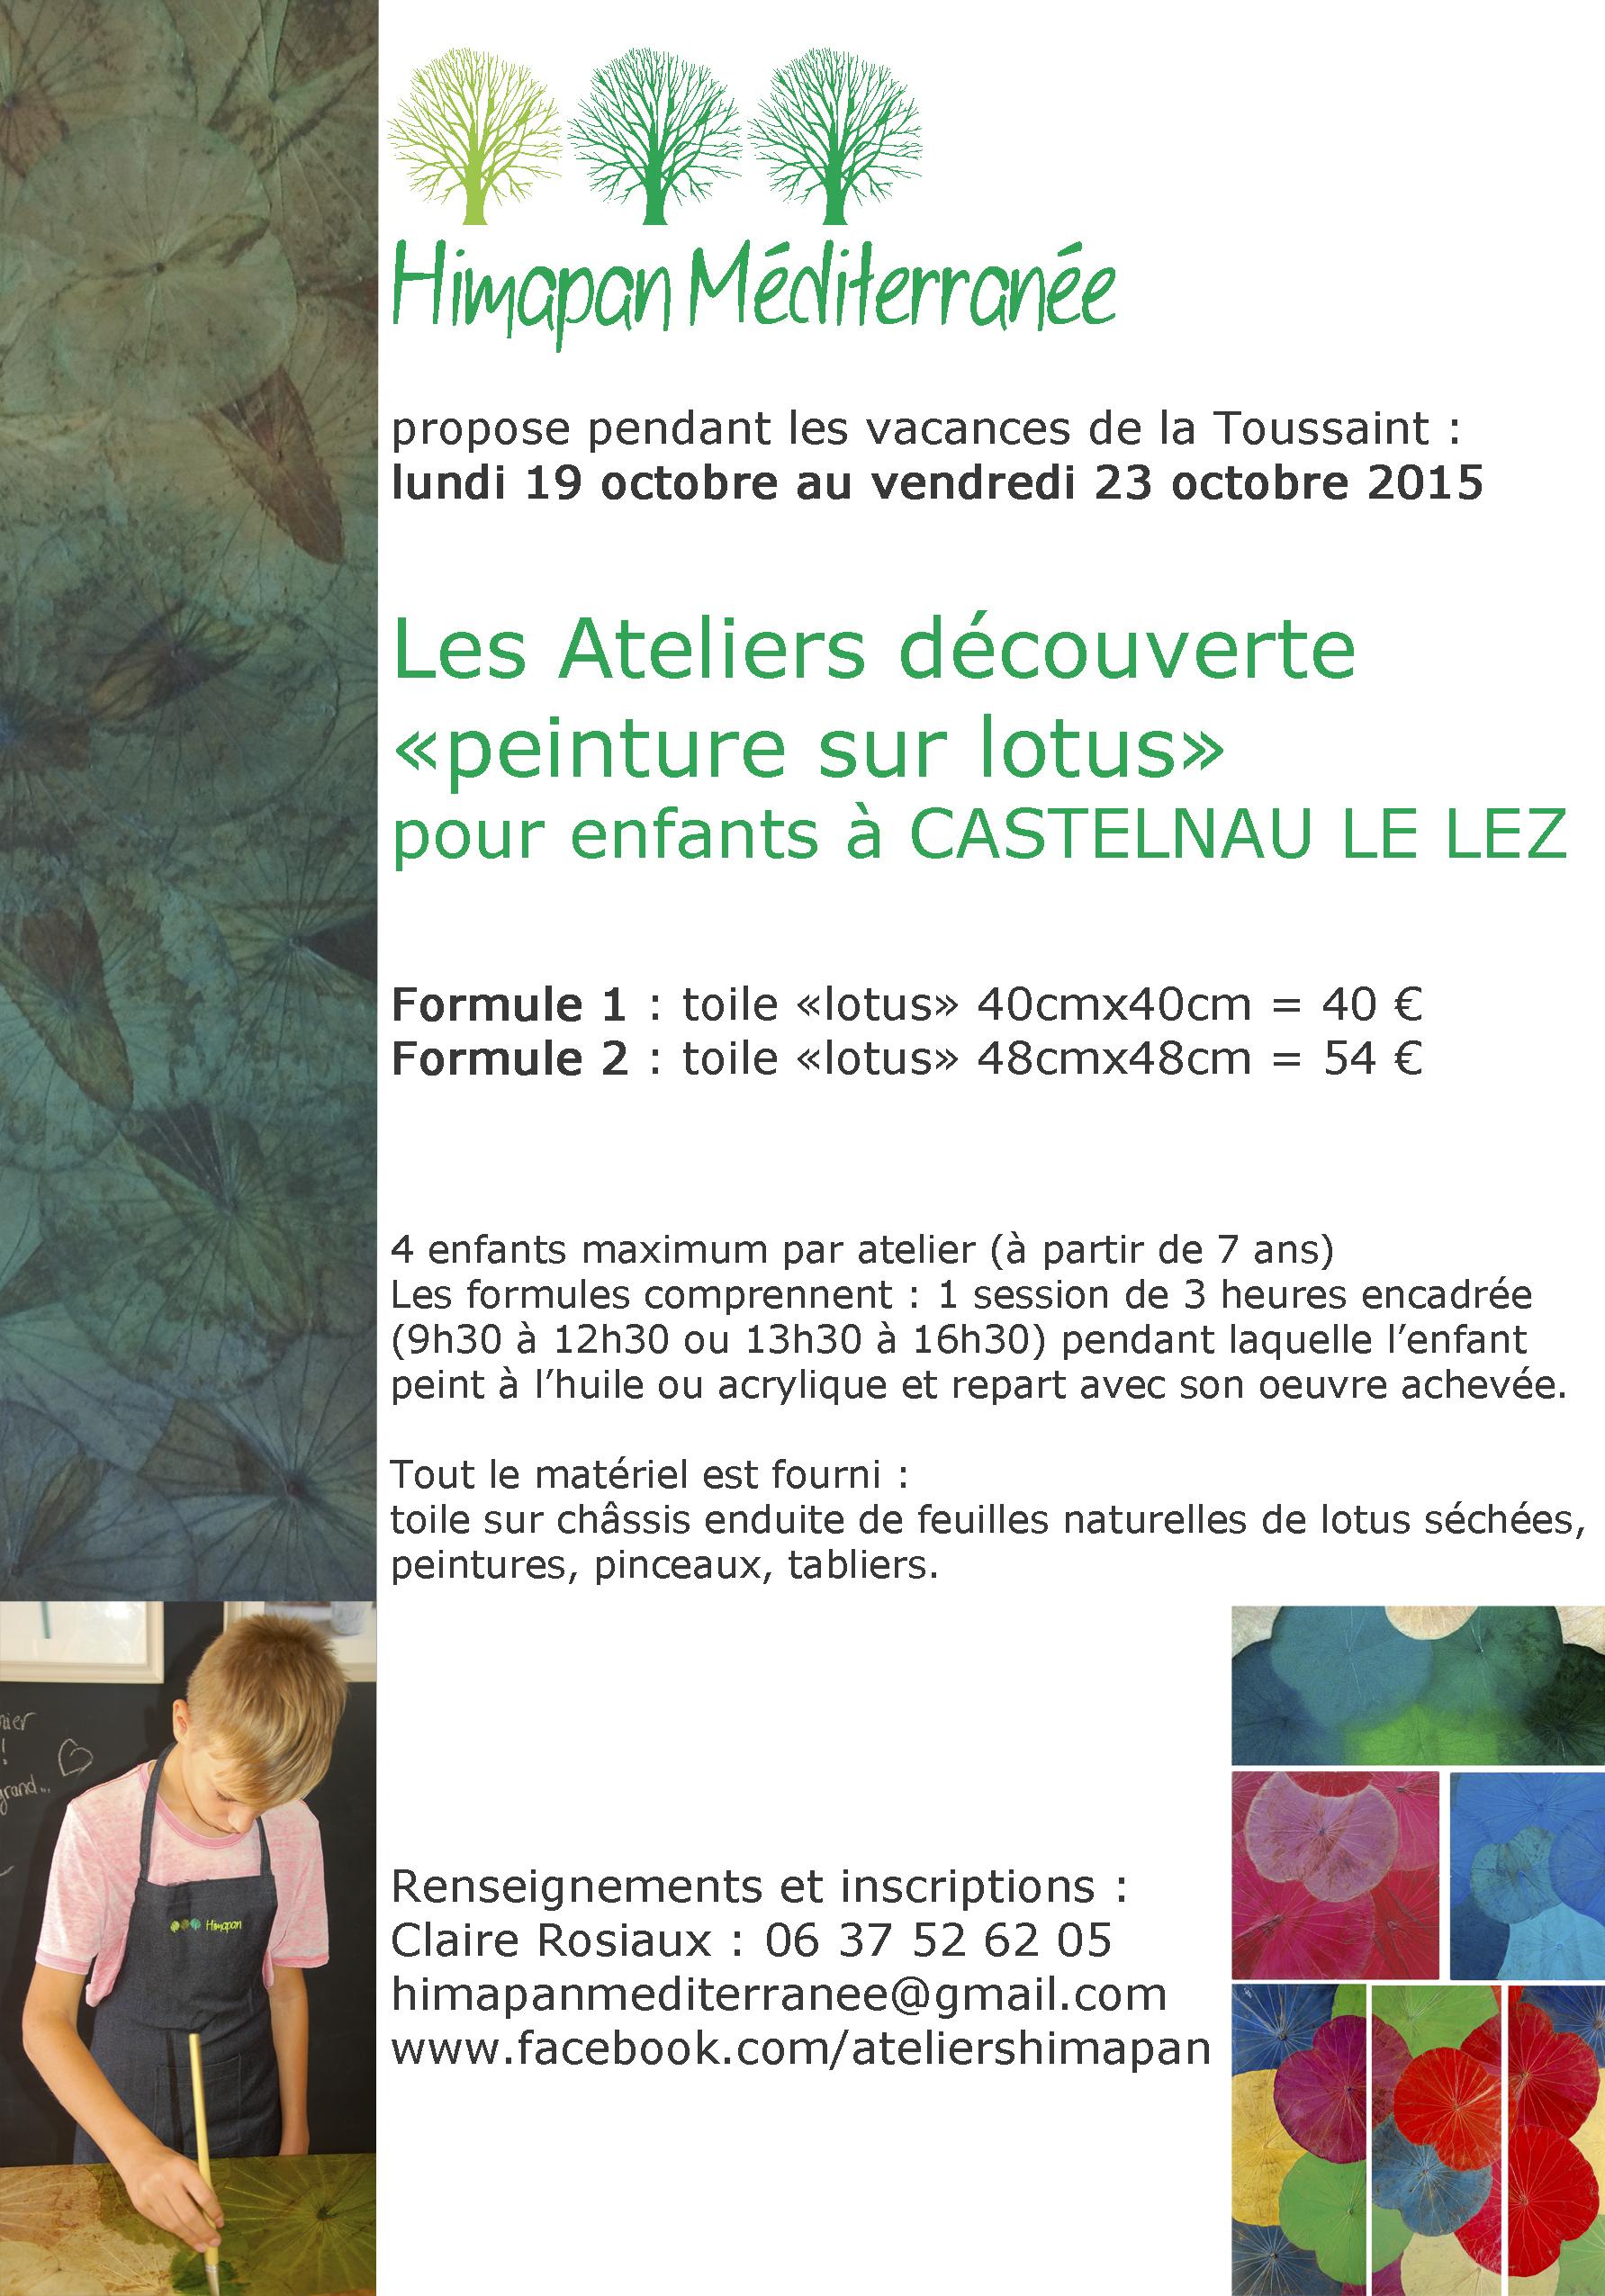 """Ateliers découverte """"Peinture sur lotus"""" – Himapan Méditerranée – 19 au 23 octobre 2015"""